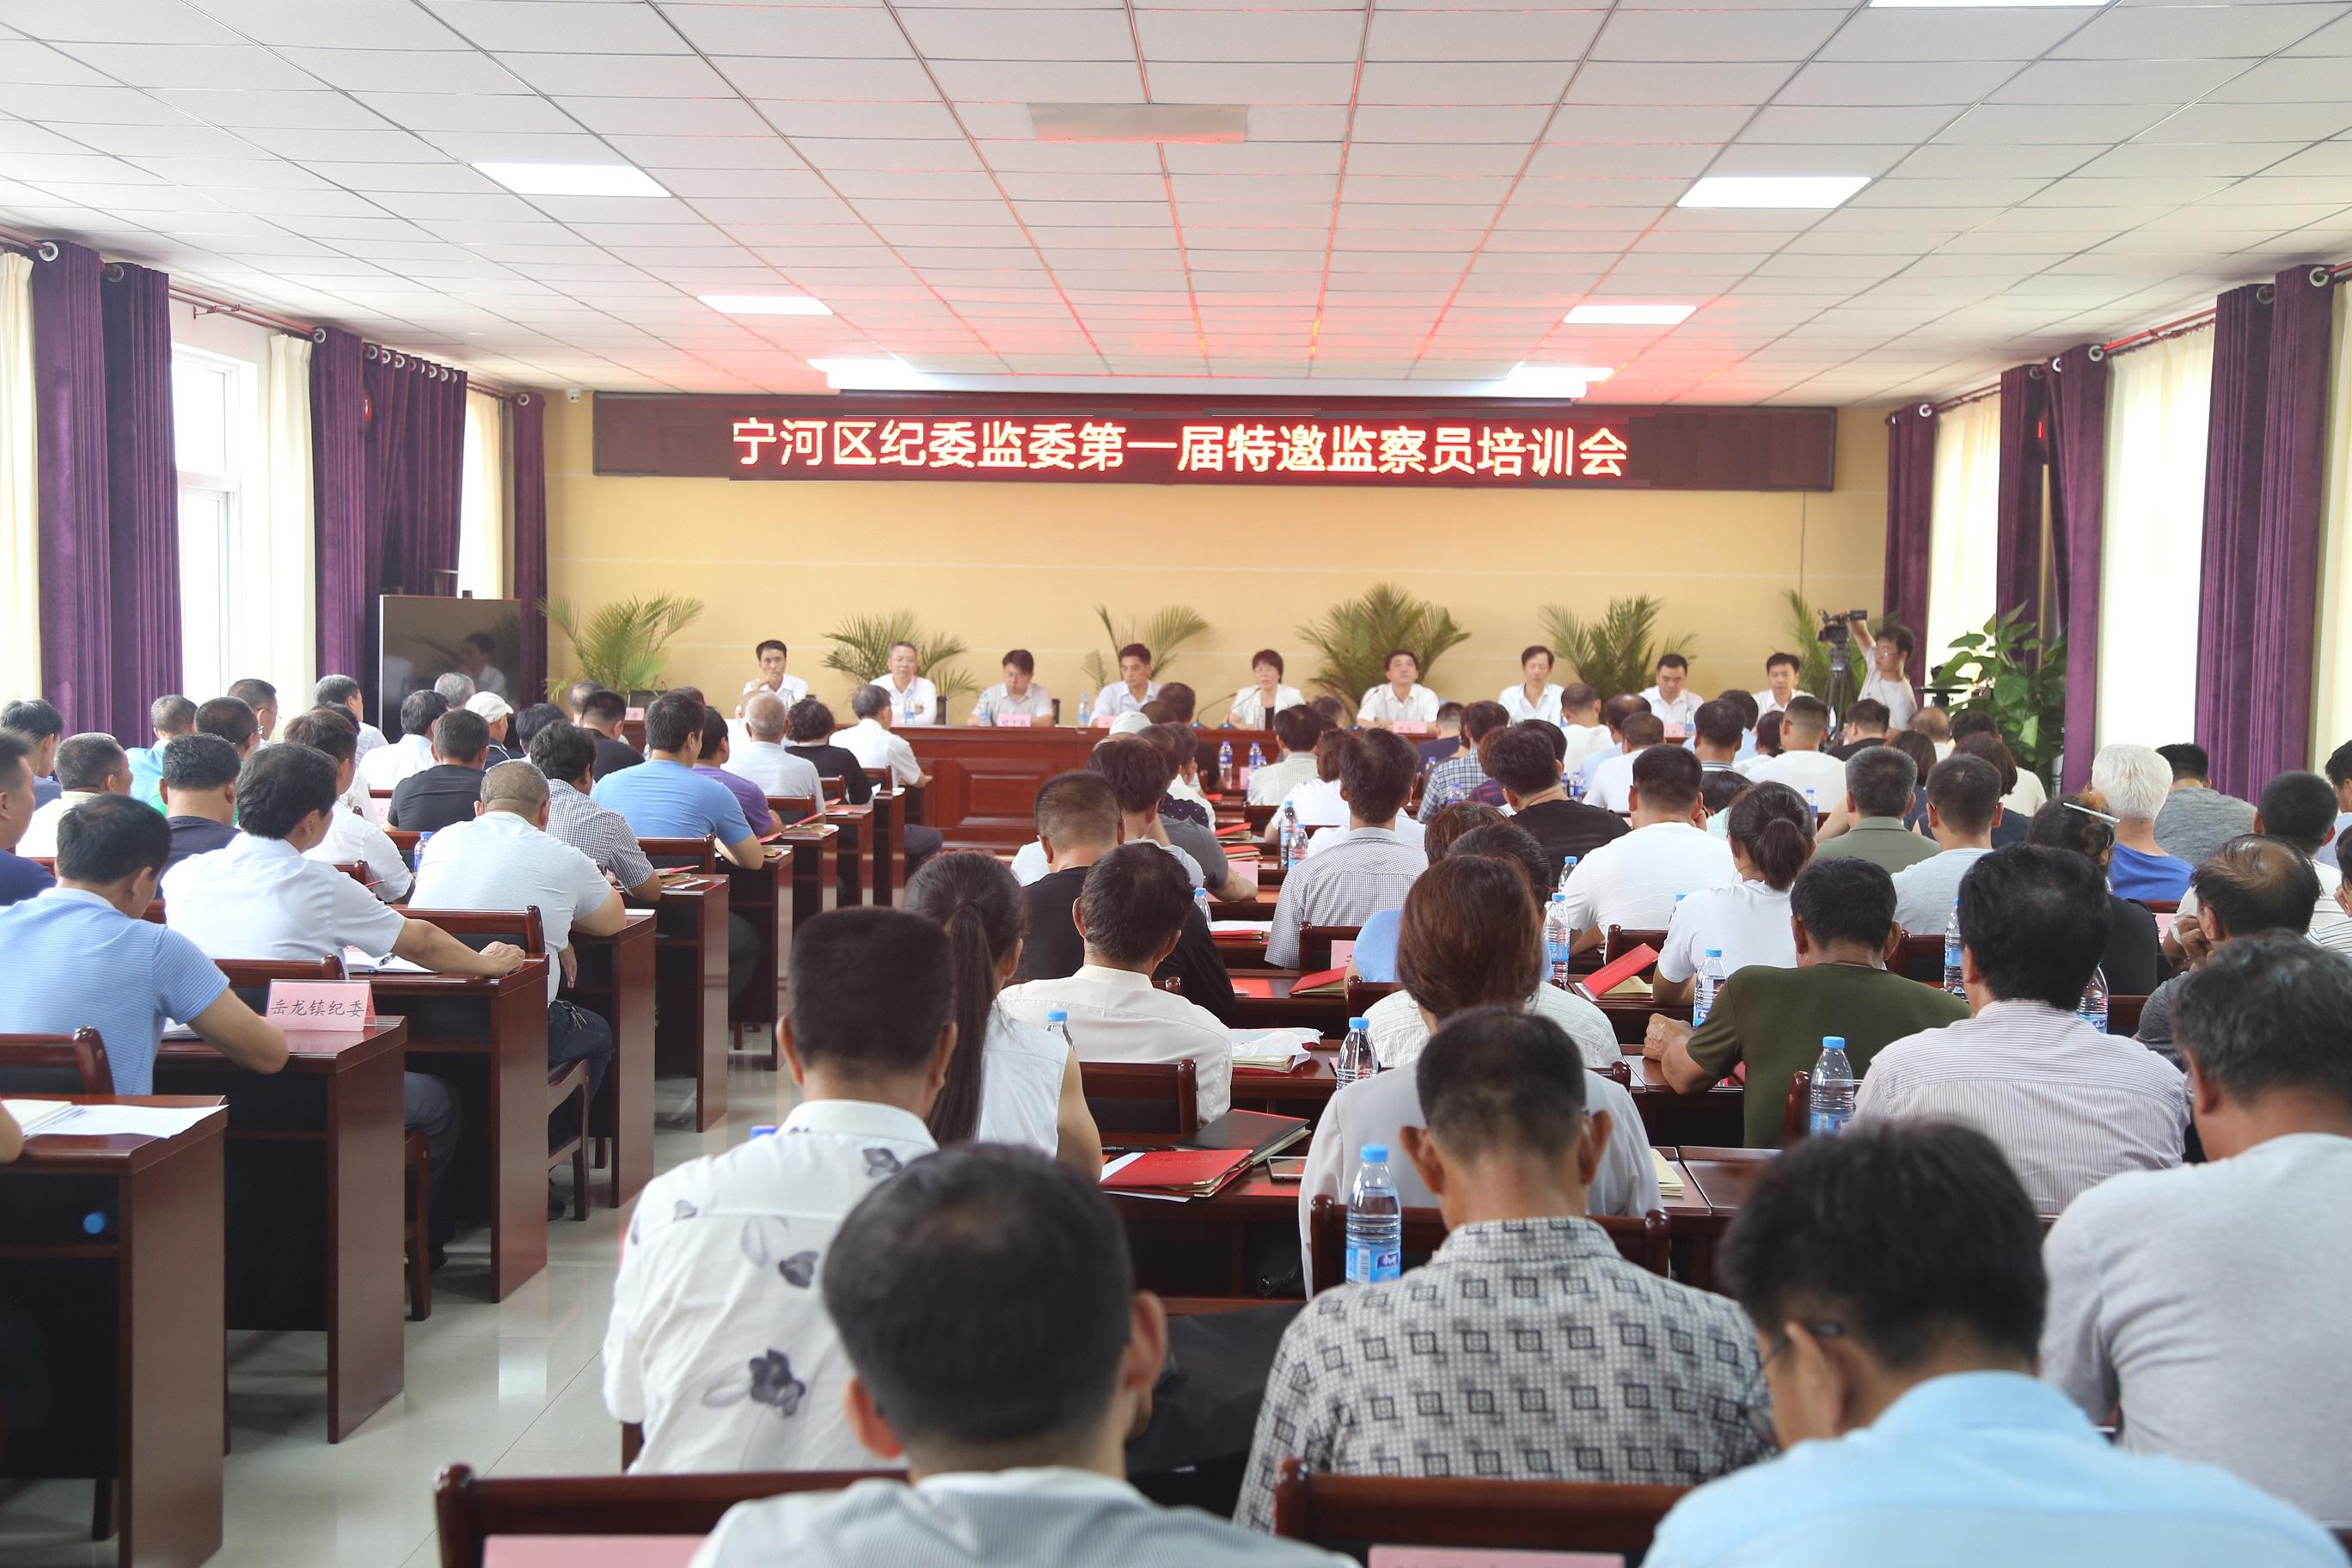 区纪委监委组织召开第一届特邀监察员培训会 切实加强社会监督和群众监督